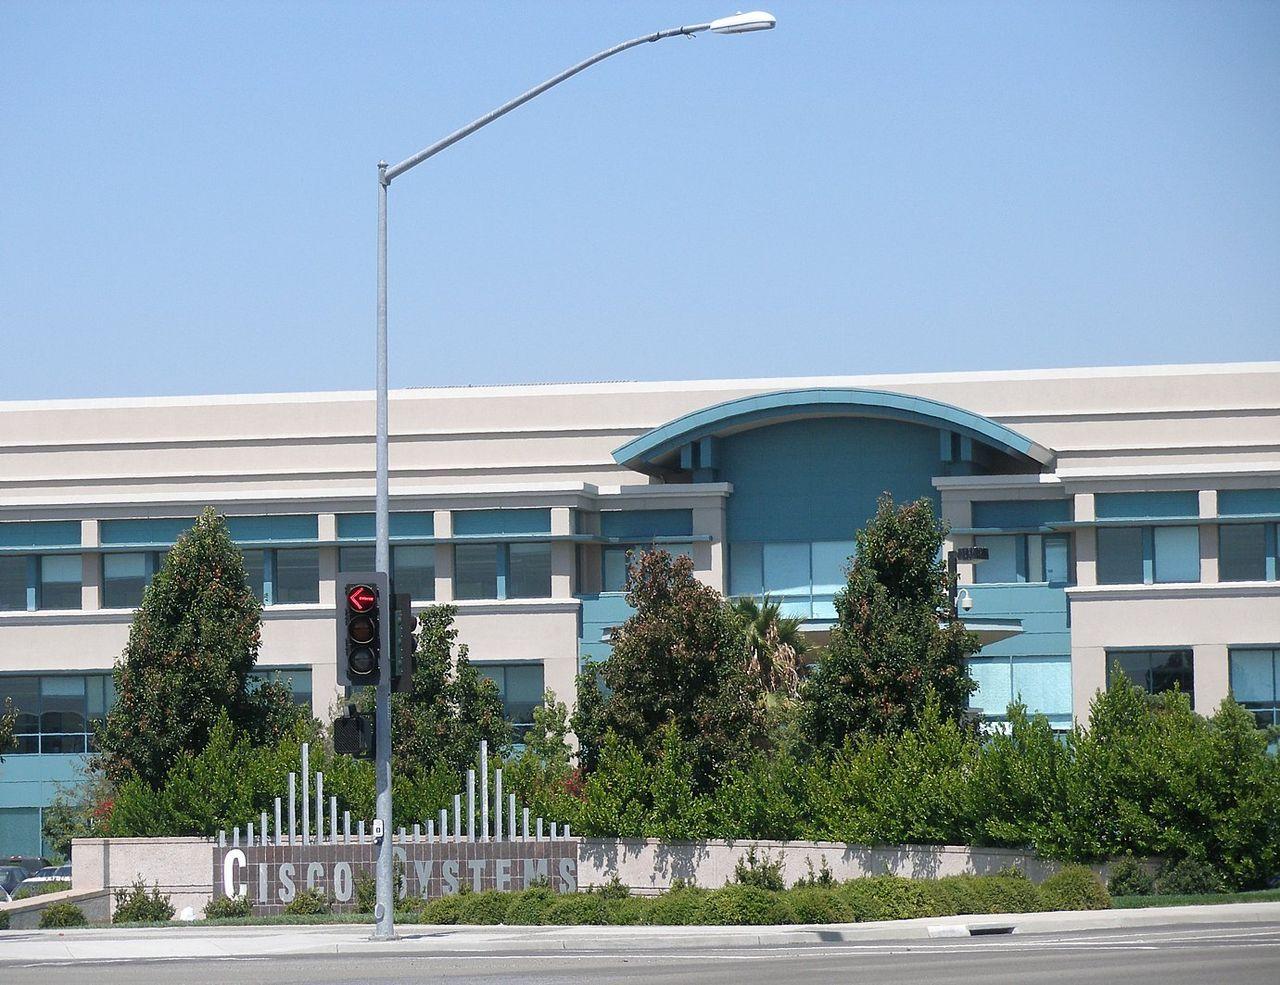 Cisco utvecklar system som kan stänga ner fulstreaming-tjänster i realtid